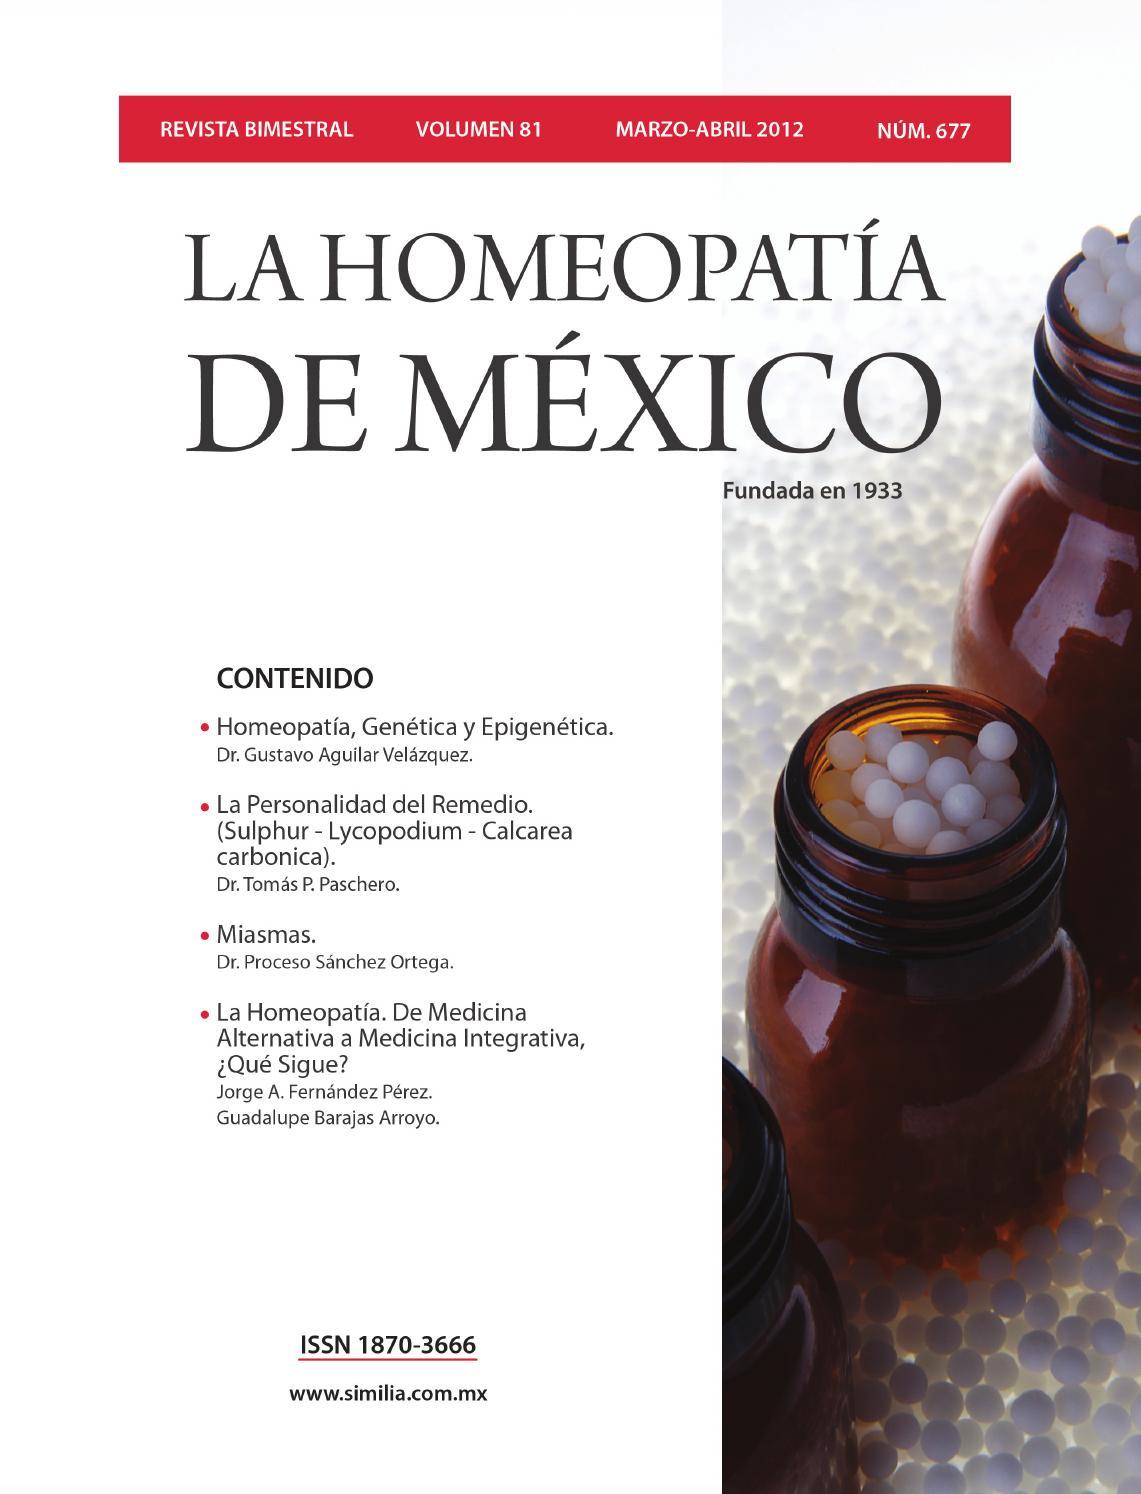 La Homeopatía De México No 677 Marzo Abril De 2012 By La Homeopatía De México Issuu